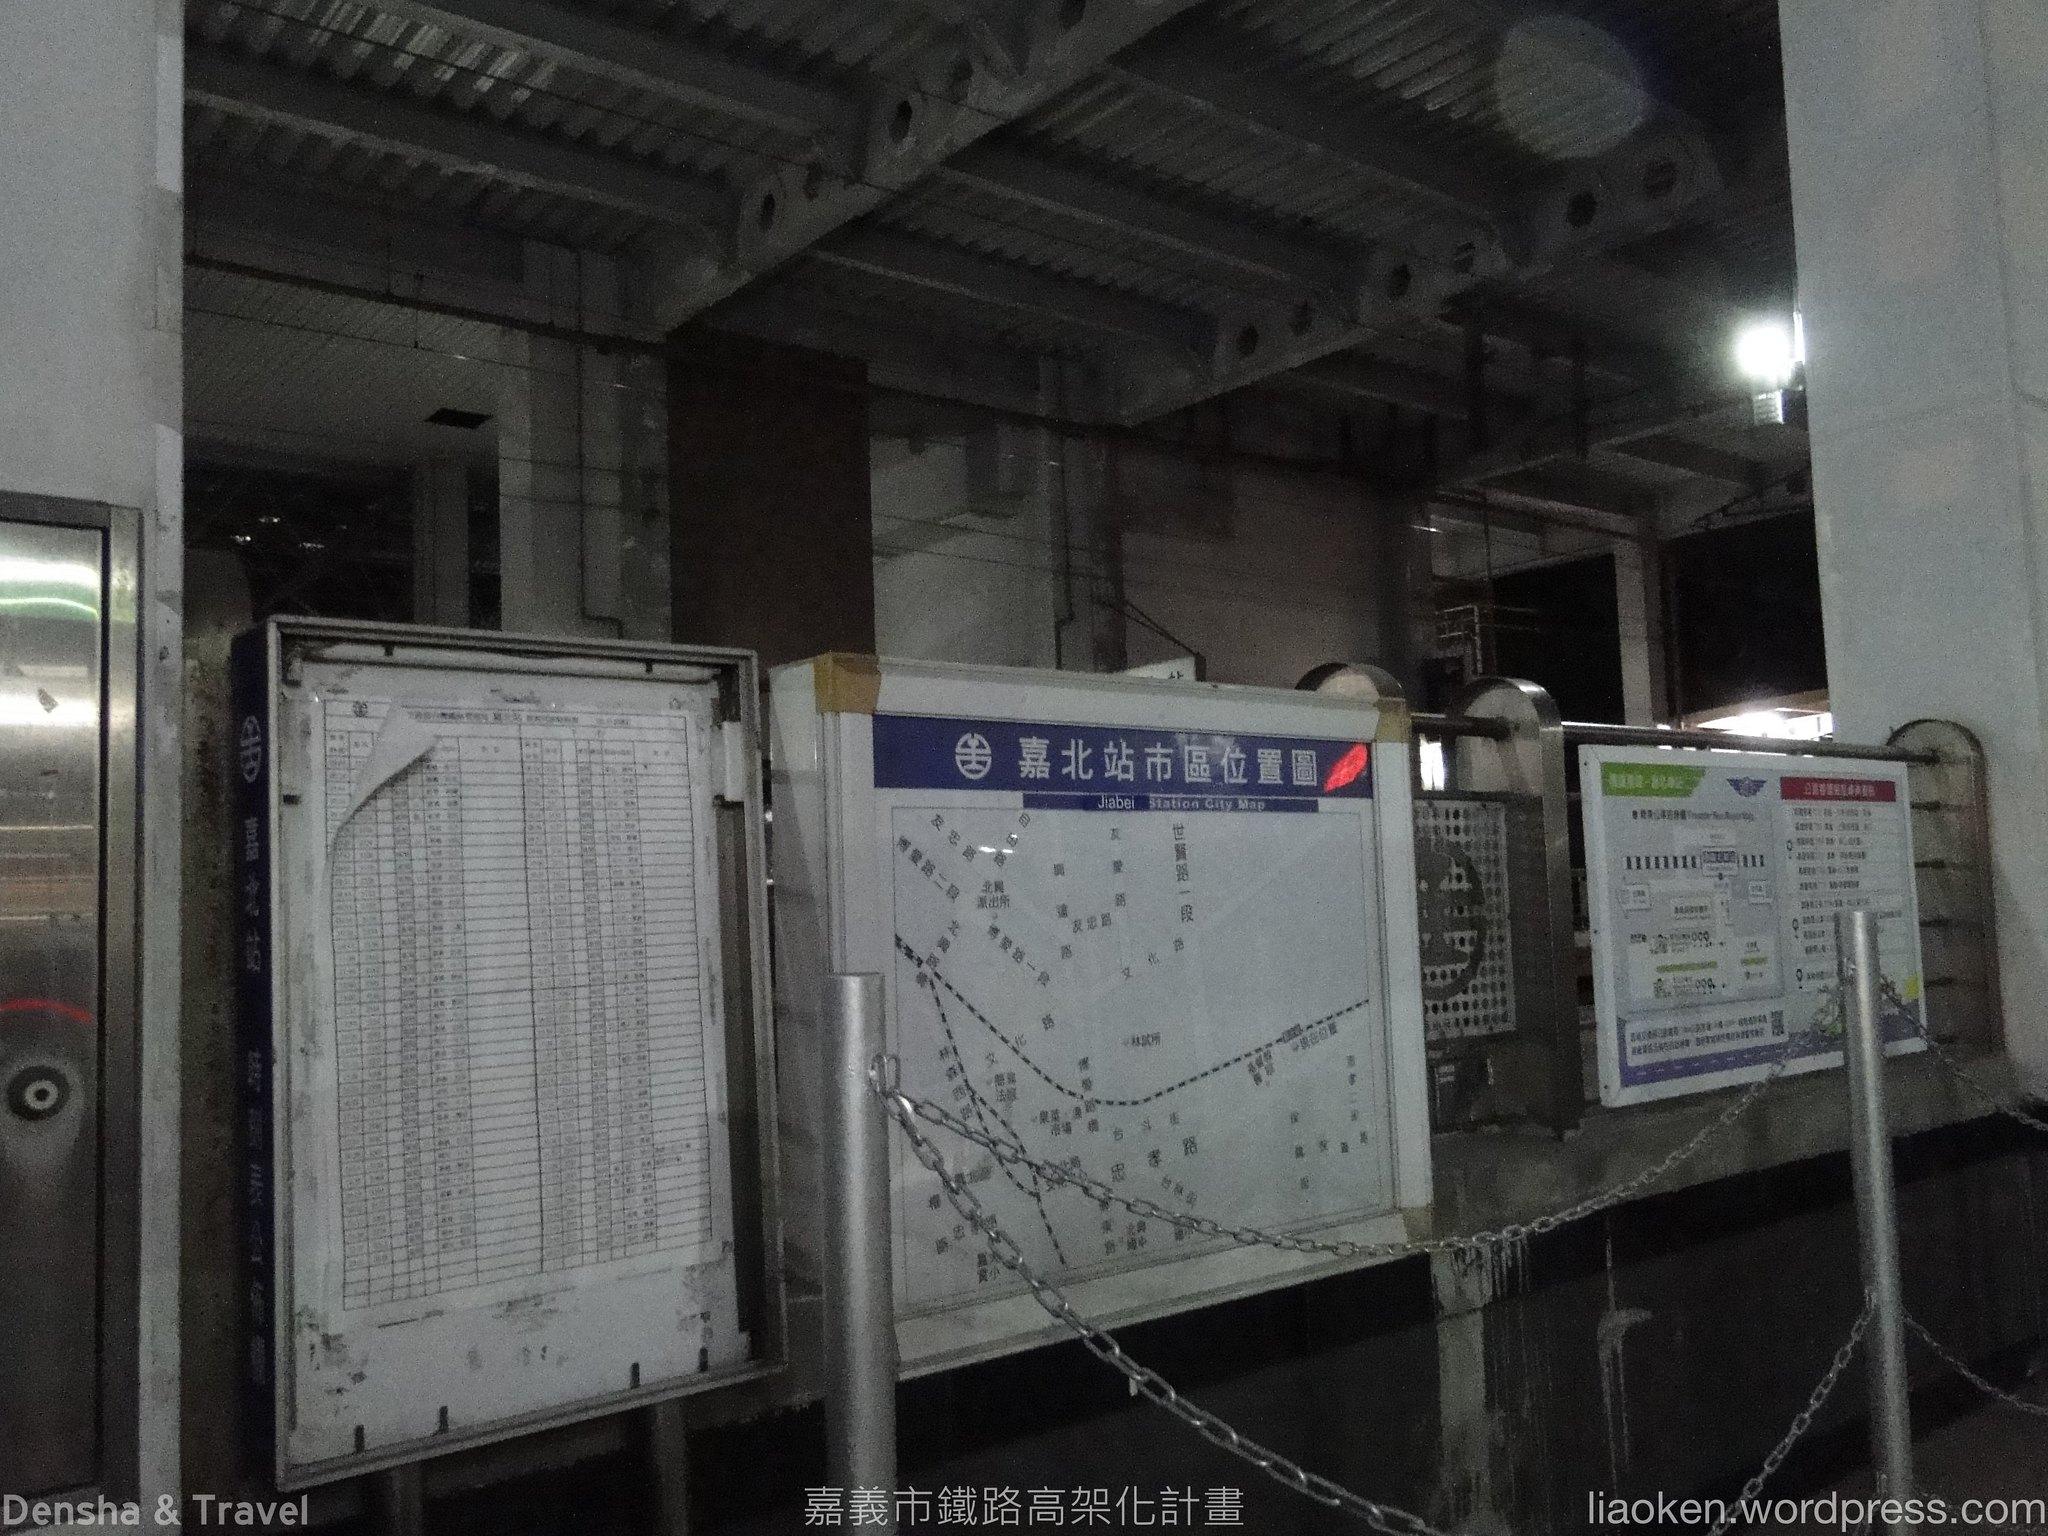 嘉義市鐵路高架化計畫